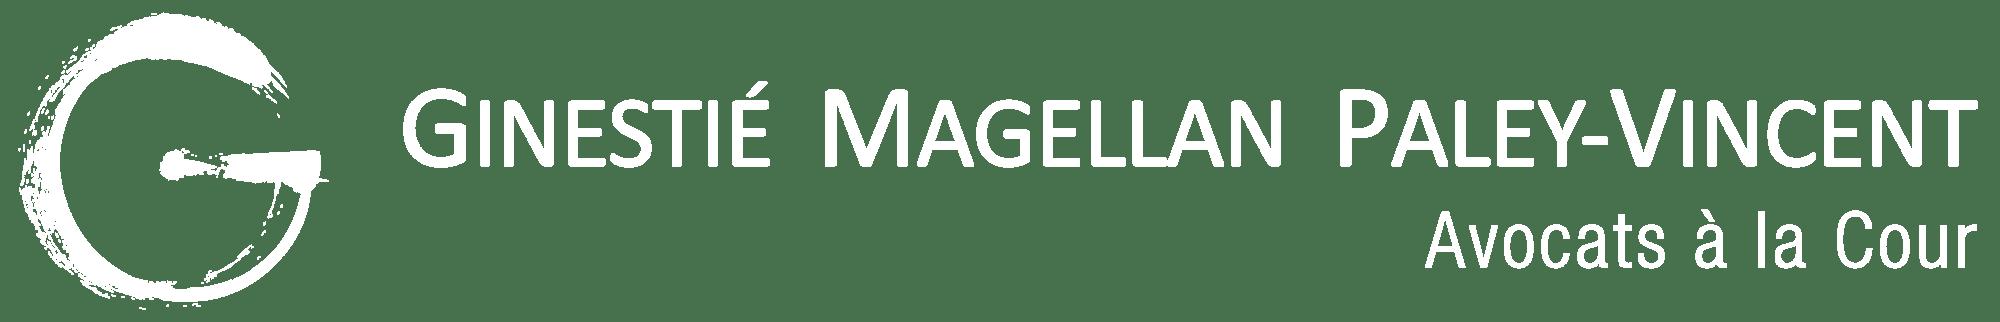 Ginestié Magellan Paley-Vincent - Avocats à la Cour